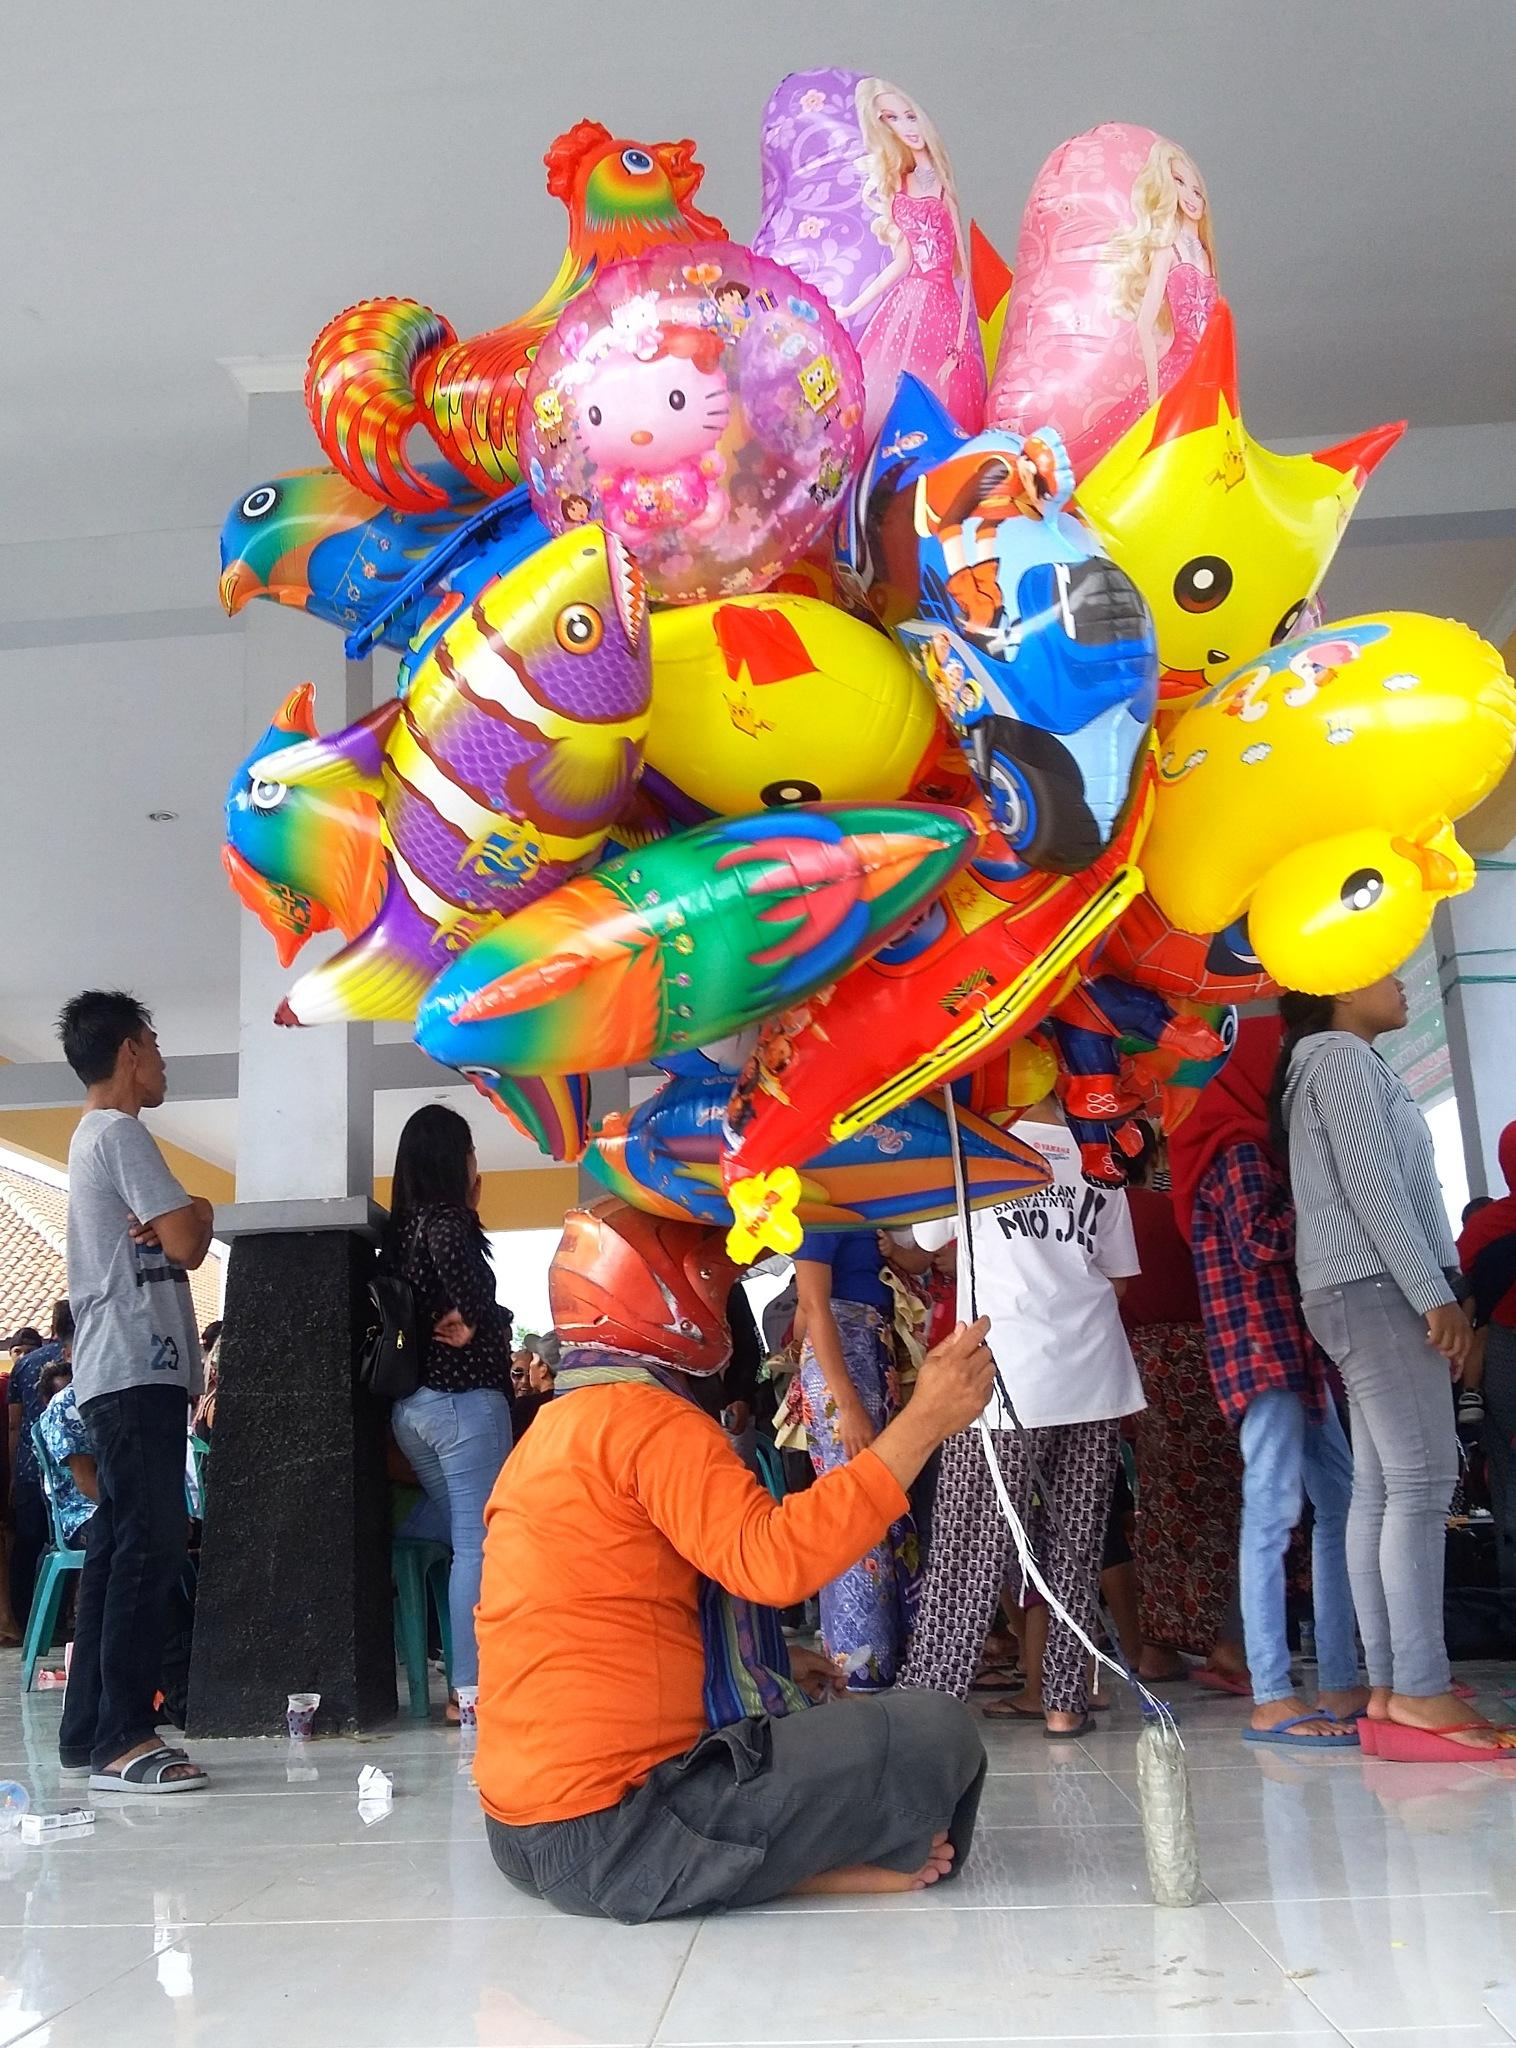 Baloon by Bagos Amaito Azikri